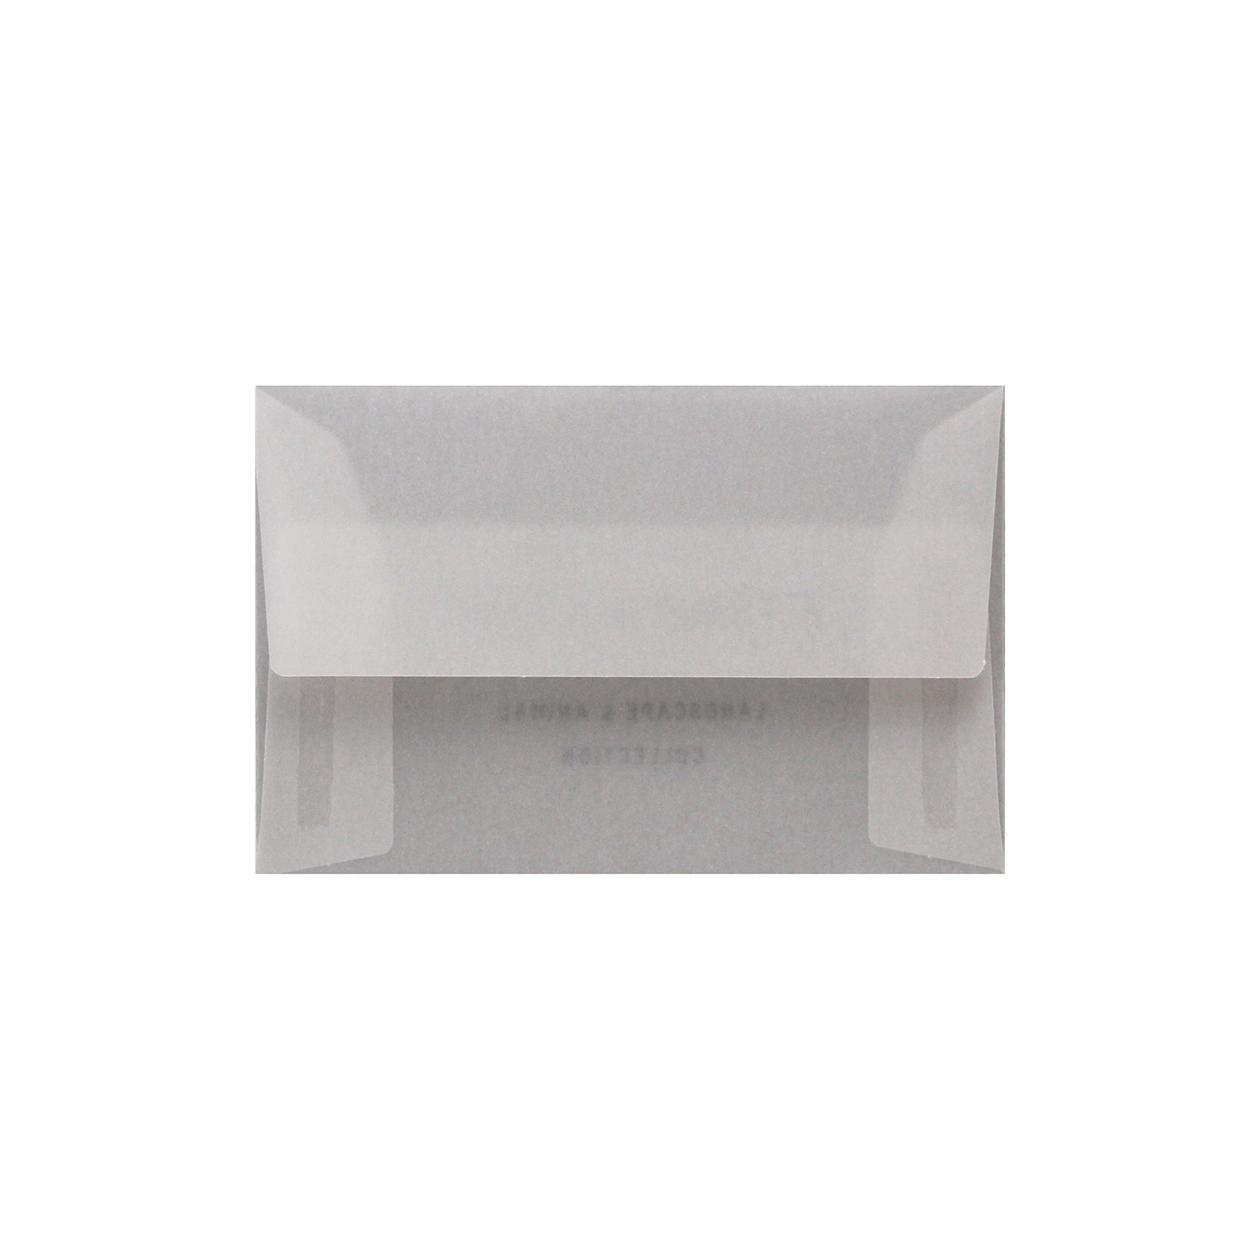 サンプル 封筒・袋 00112